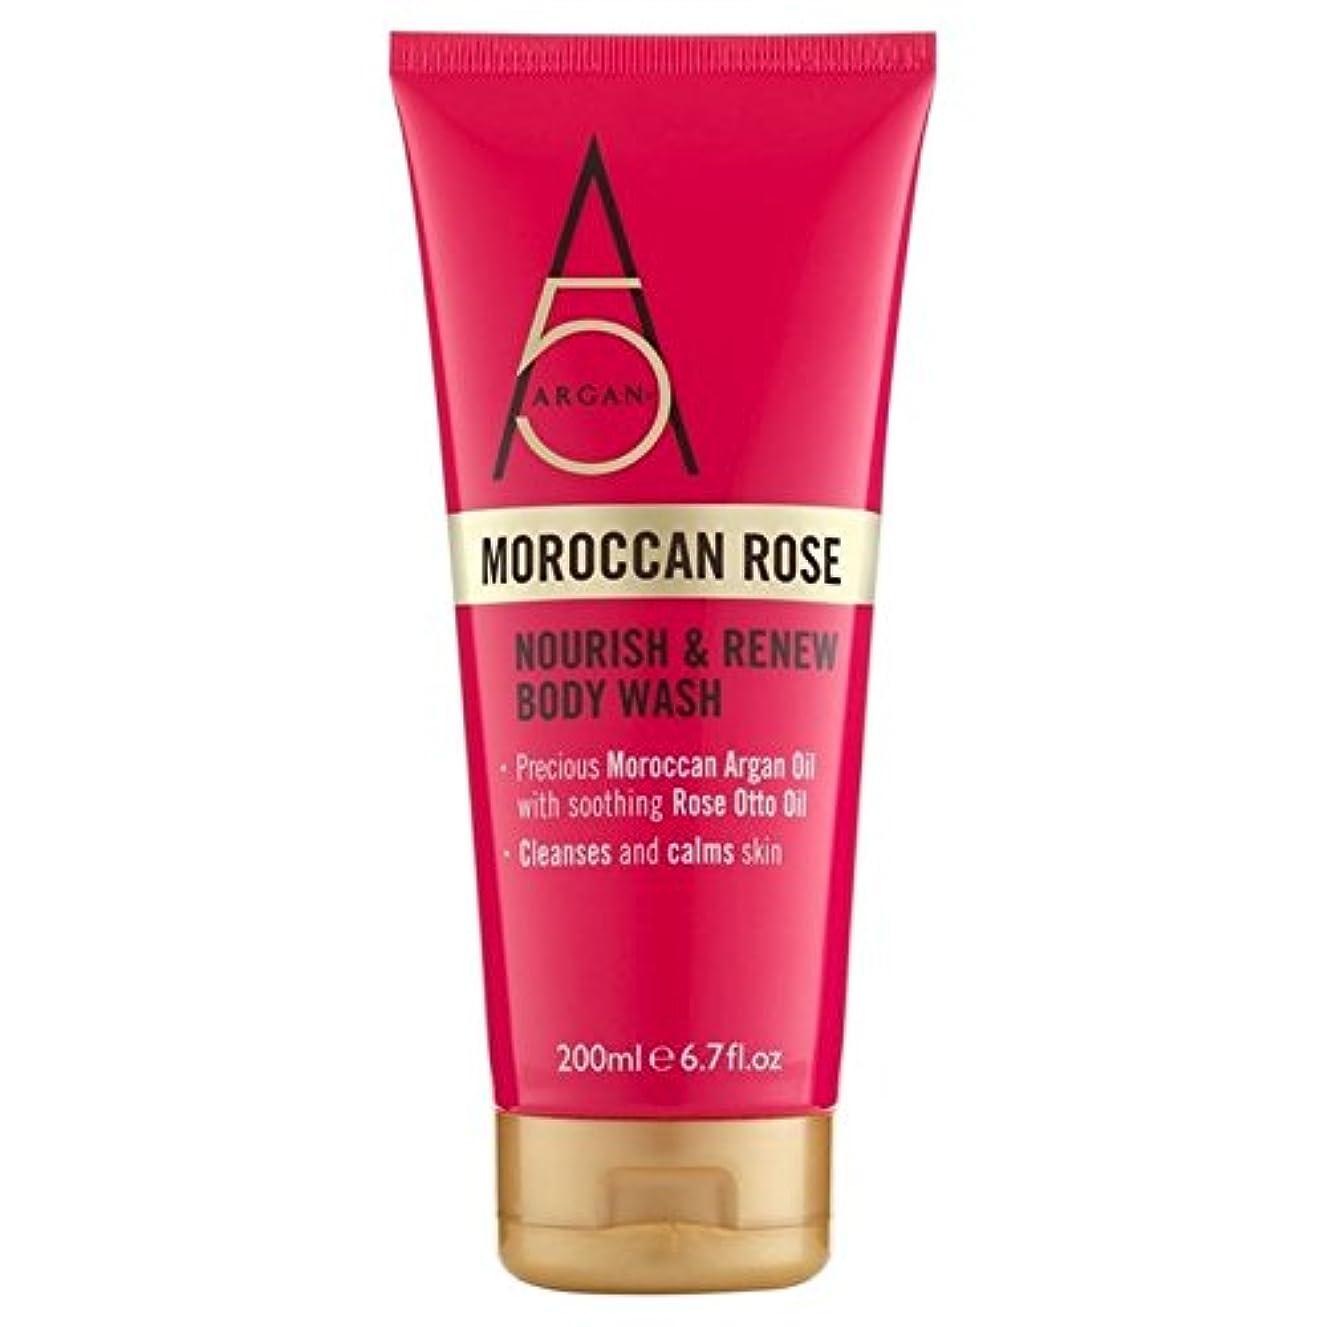 心臓アンソロジーベンチャーアルガン+モロッコは、ボディウォッシュ300ミリリットルをバラ x2 - Argan+ Moroccan Rose Body Wash 300ml (Pack of 2) [並行輸入品]